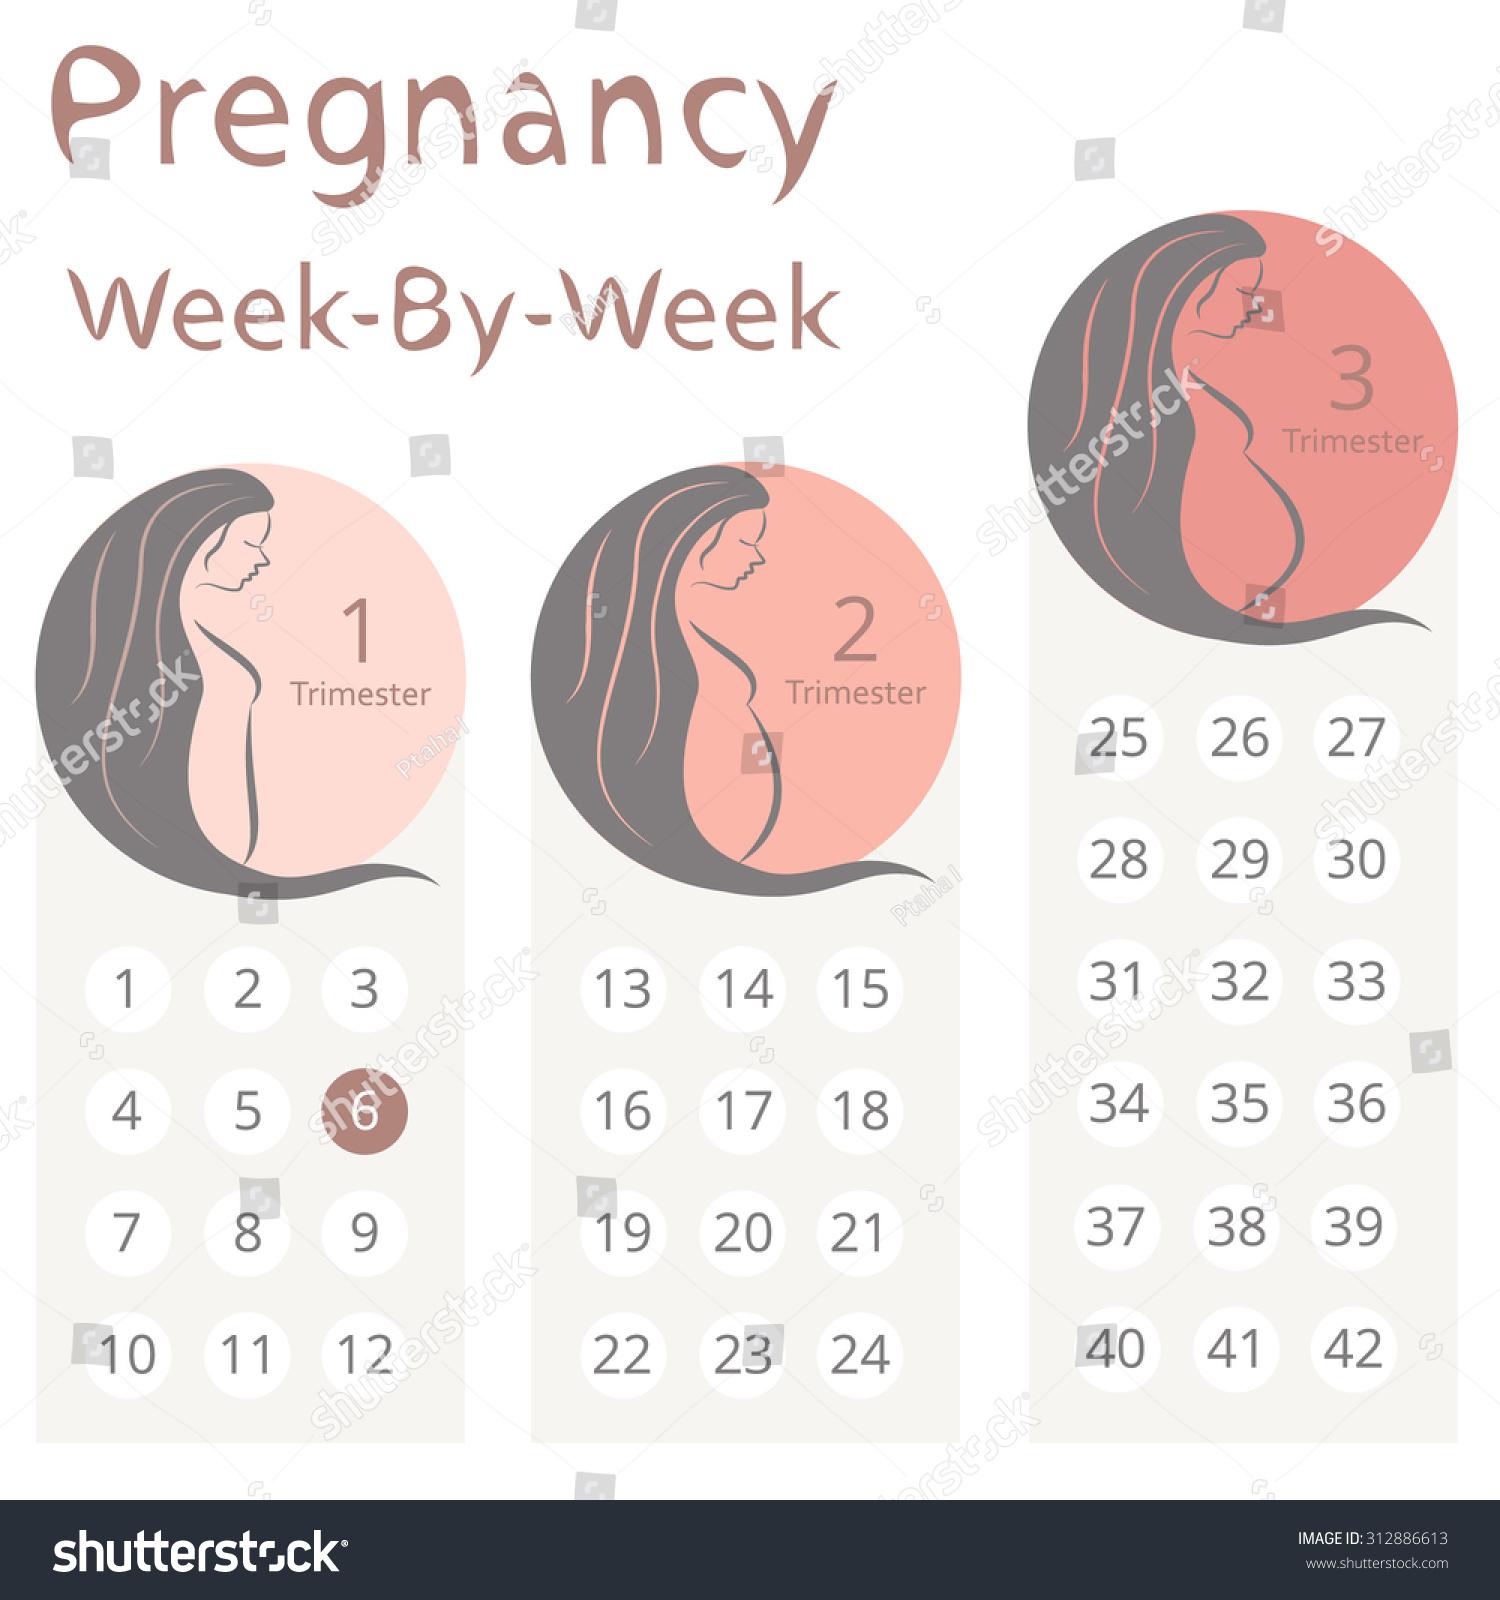 Pregnancy Weeks Calendar - Teke.wpart.co